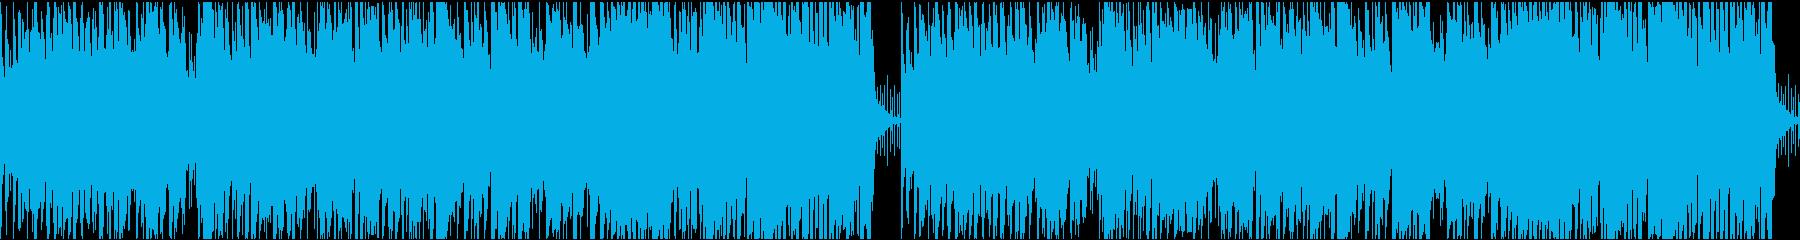 軽やかなピアノが印象的ムービー系ループ可の再生済みの波形